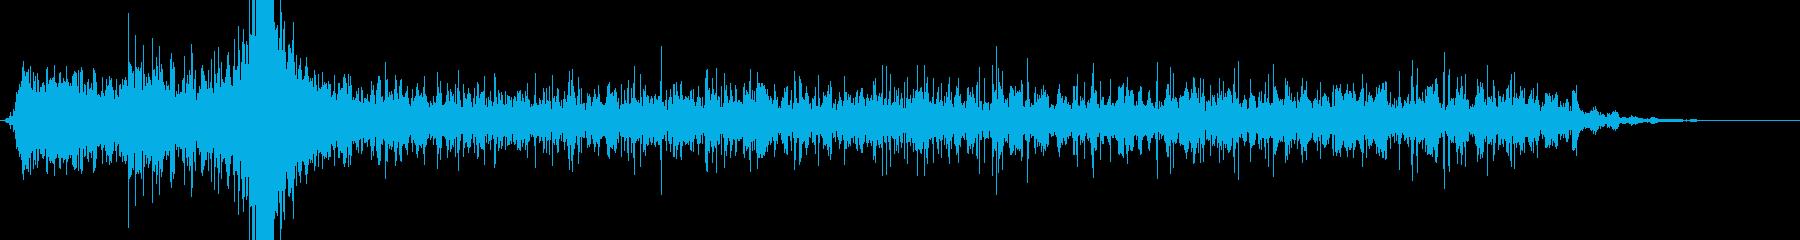 毒液を吐いて纏わりつくような音の再生済みの波形